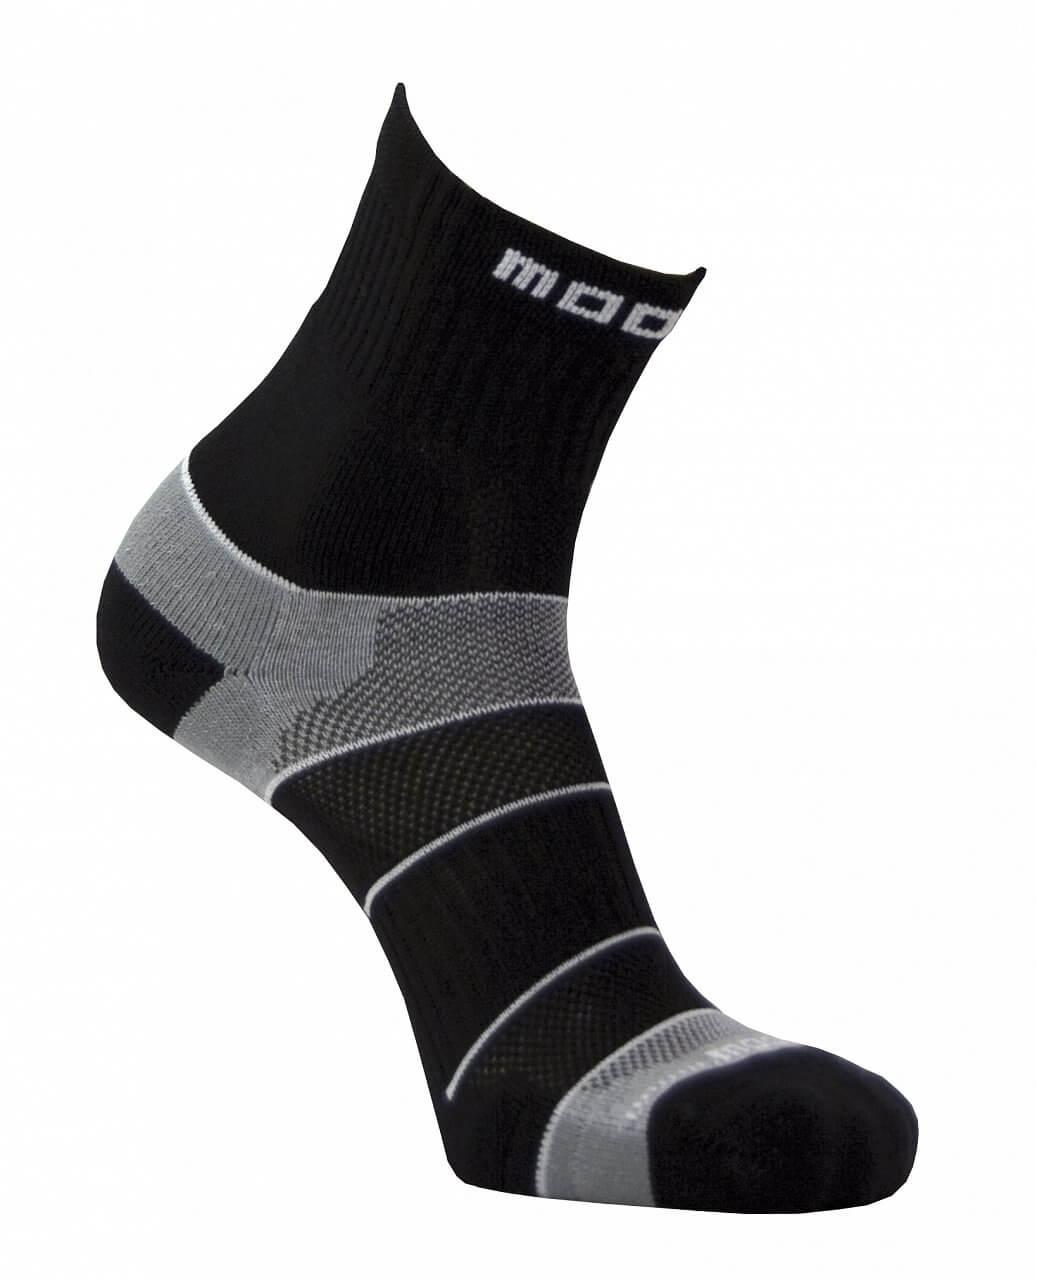 Moose Motion černé - unisexové sportovní ponožky - ponožky ... 93a34bc7ca